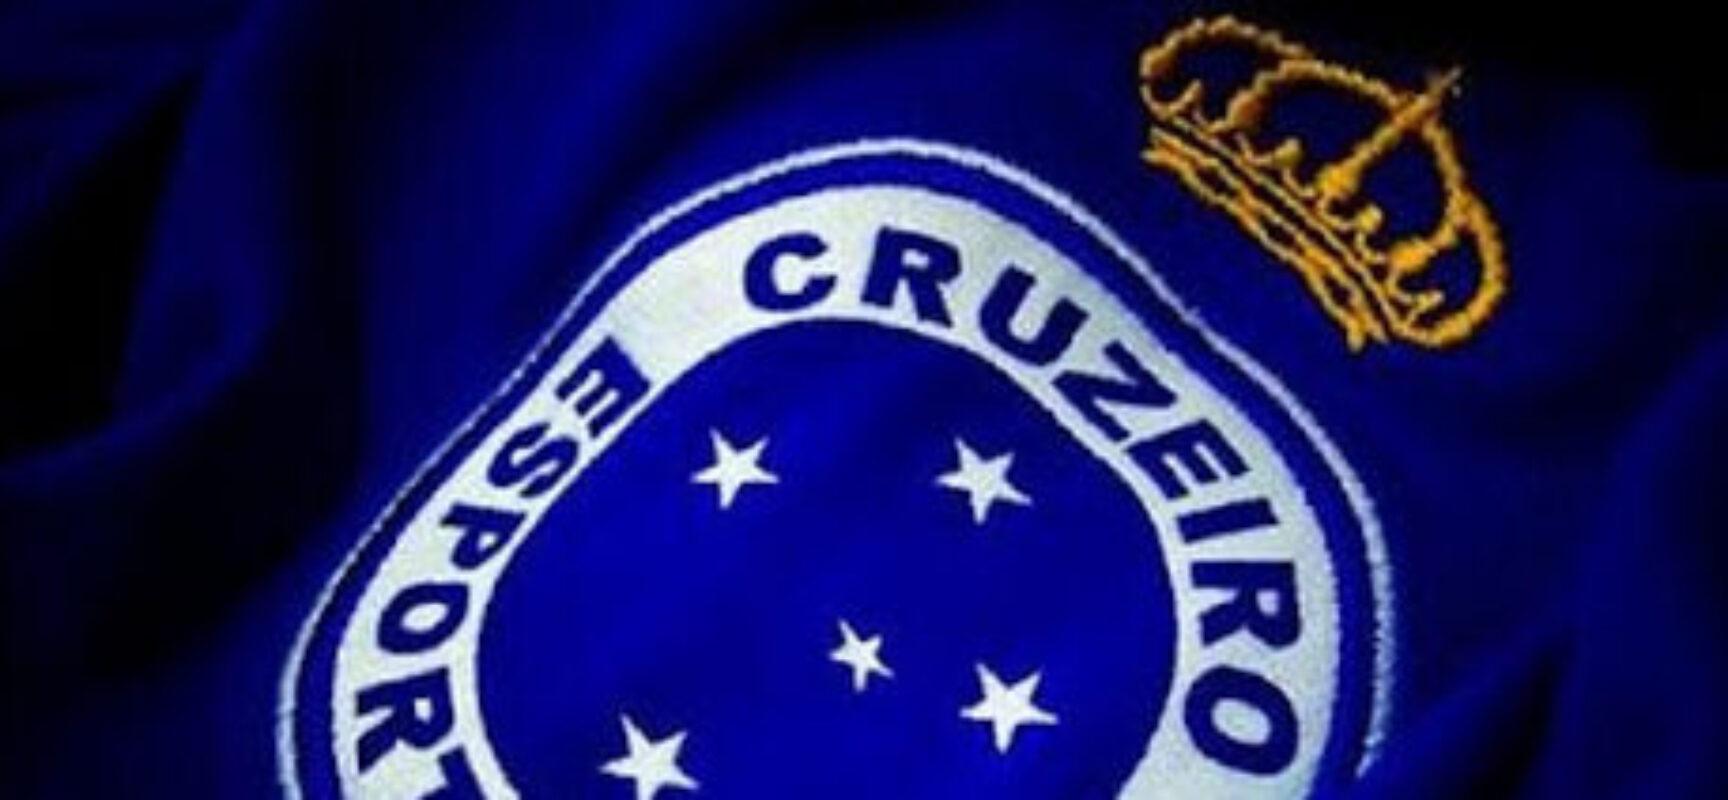 Série B: Cruzeiro derrota Náutico no Recife e se afasta do Z4